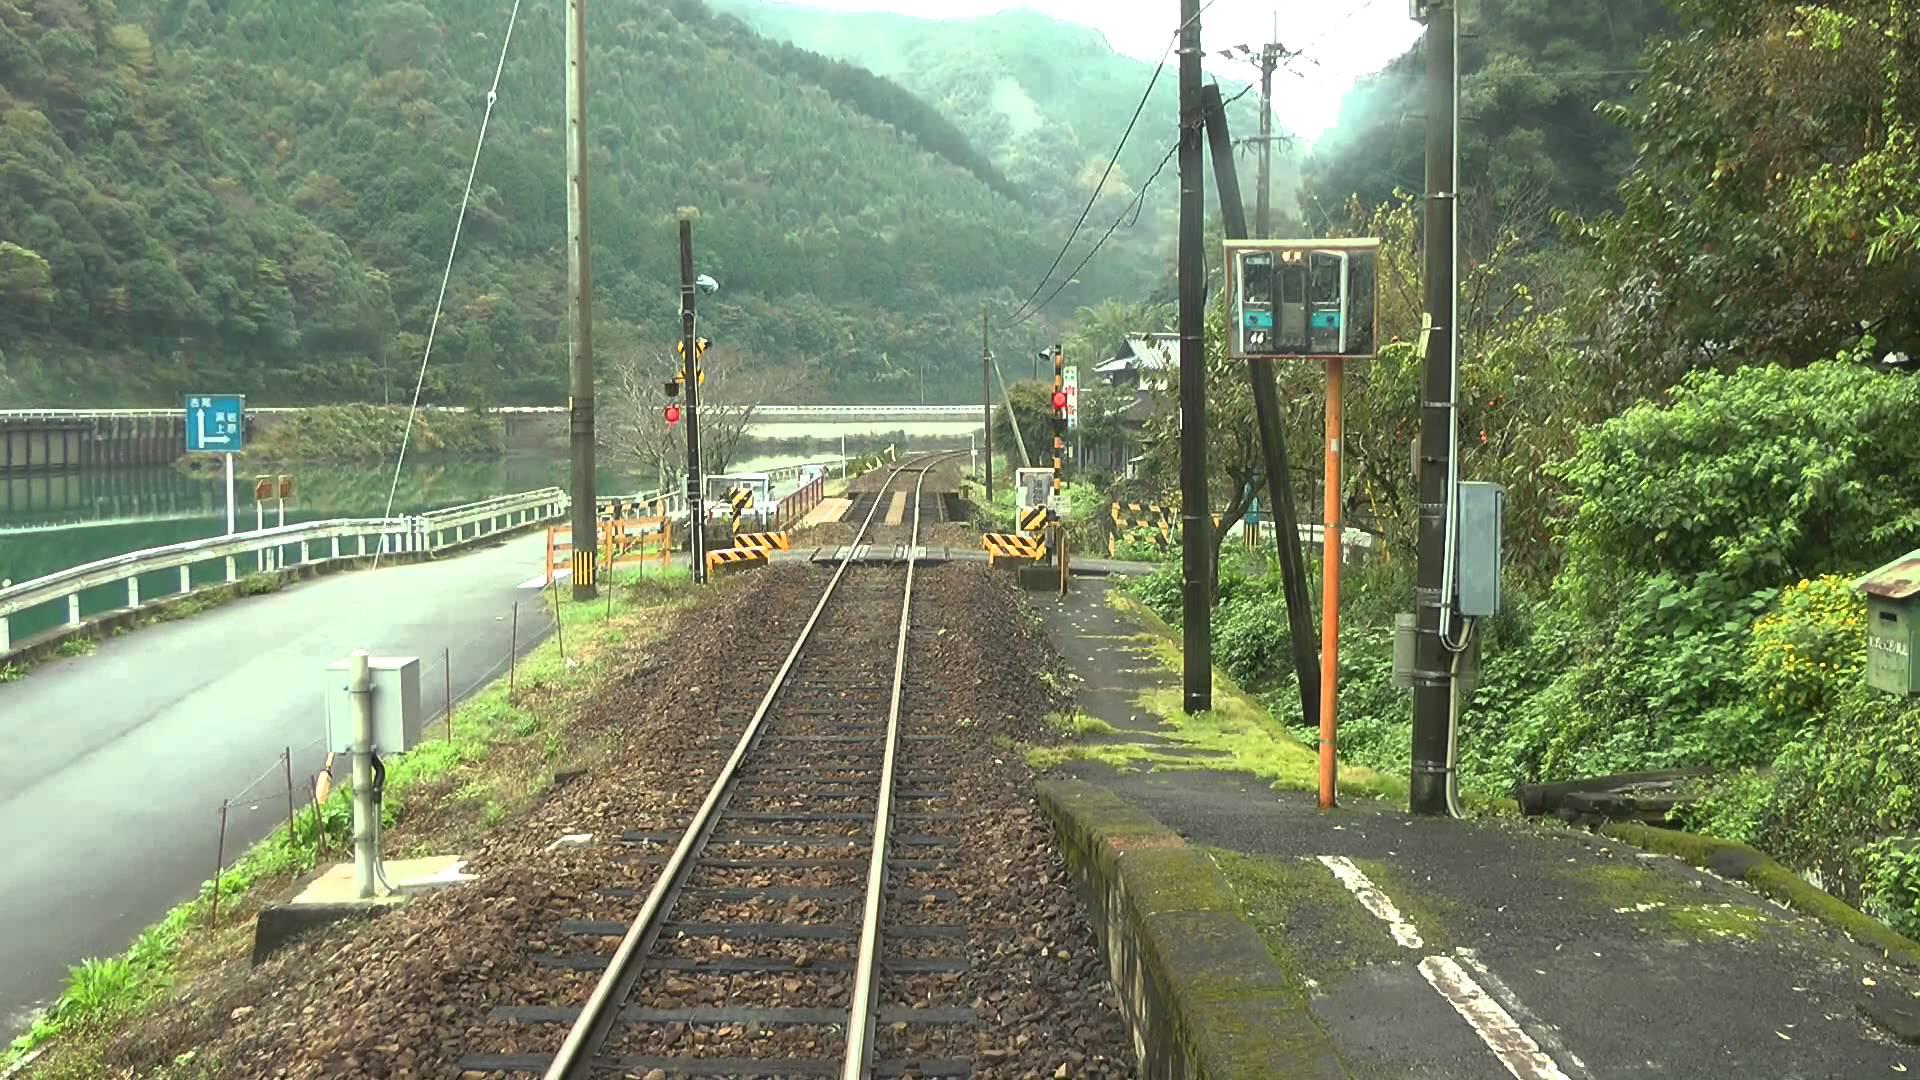 【前面展望】 JR九州 肥薩線 八代→人吉 球磨川に沿って